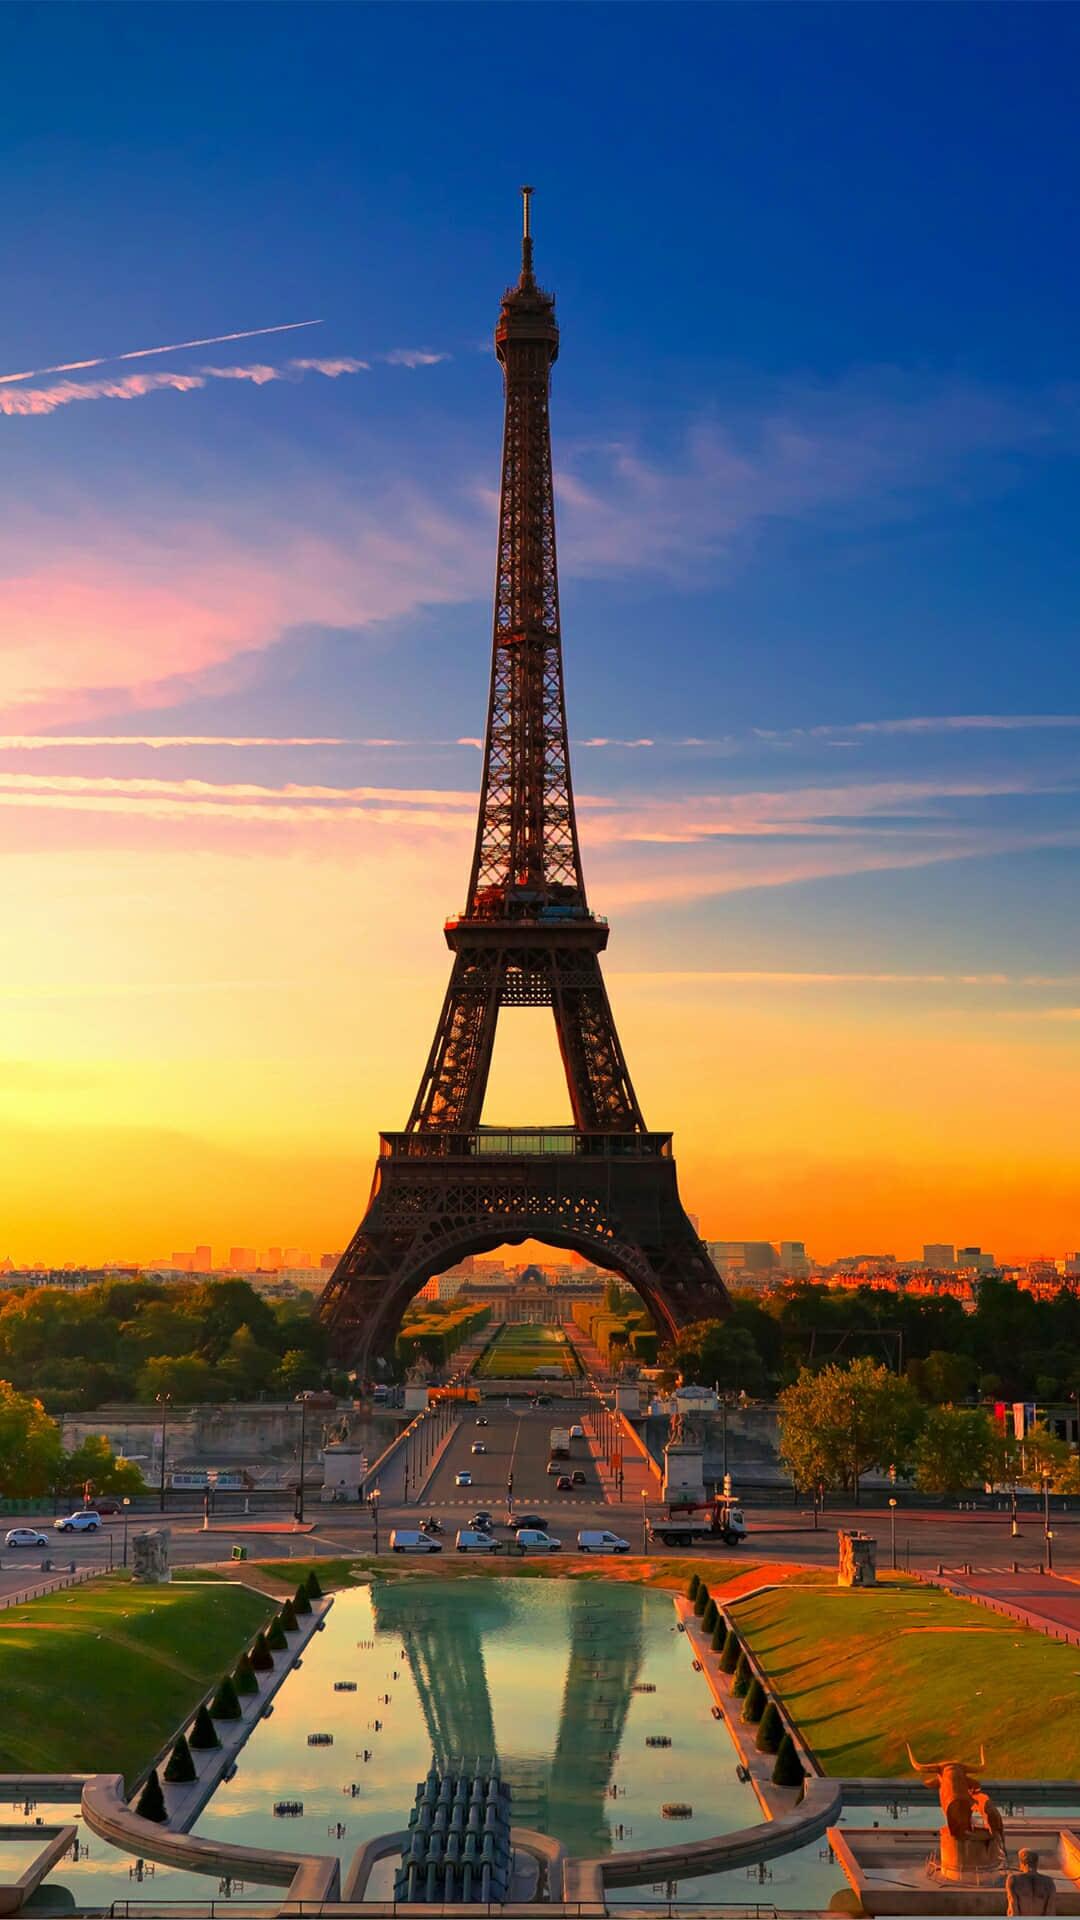 浪漫巴黎埃菲尔铁塔高清手机壁纸